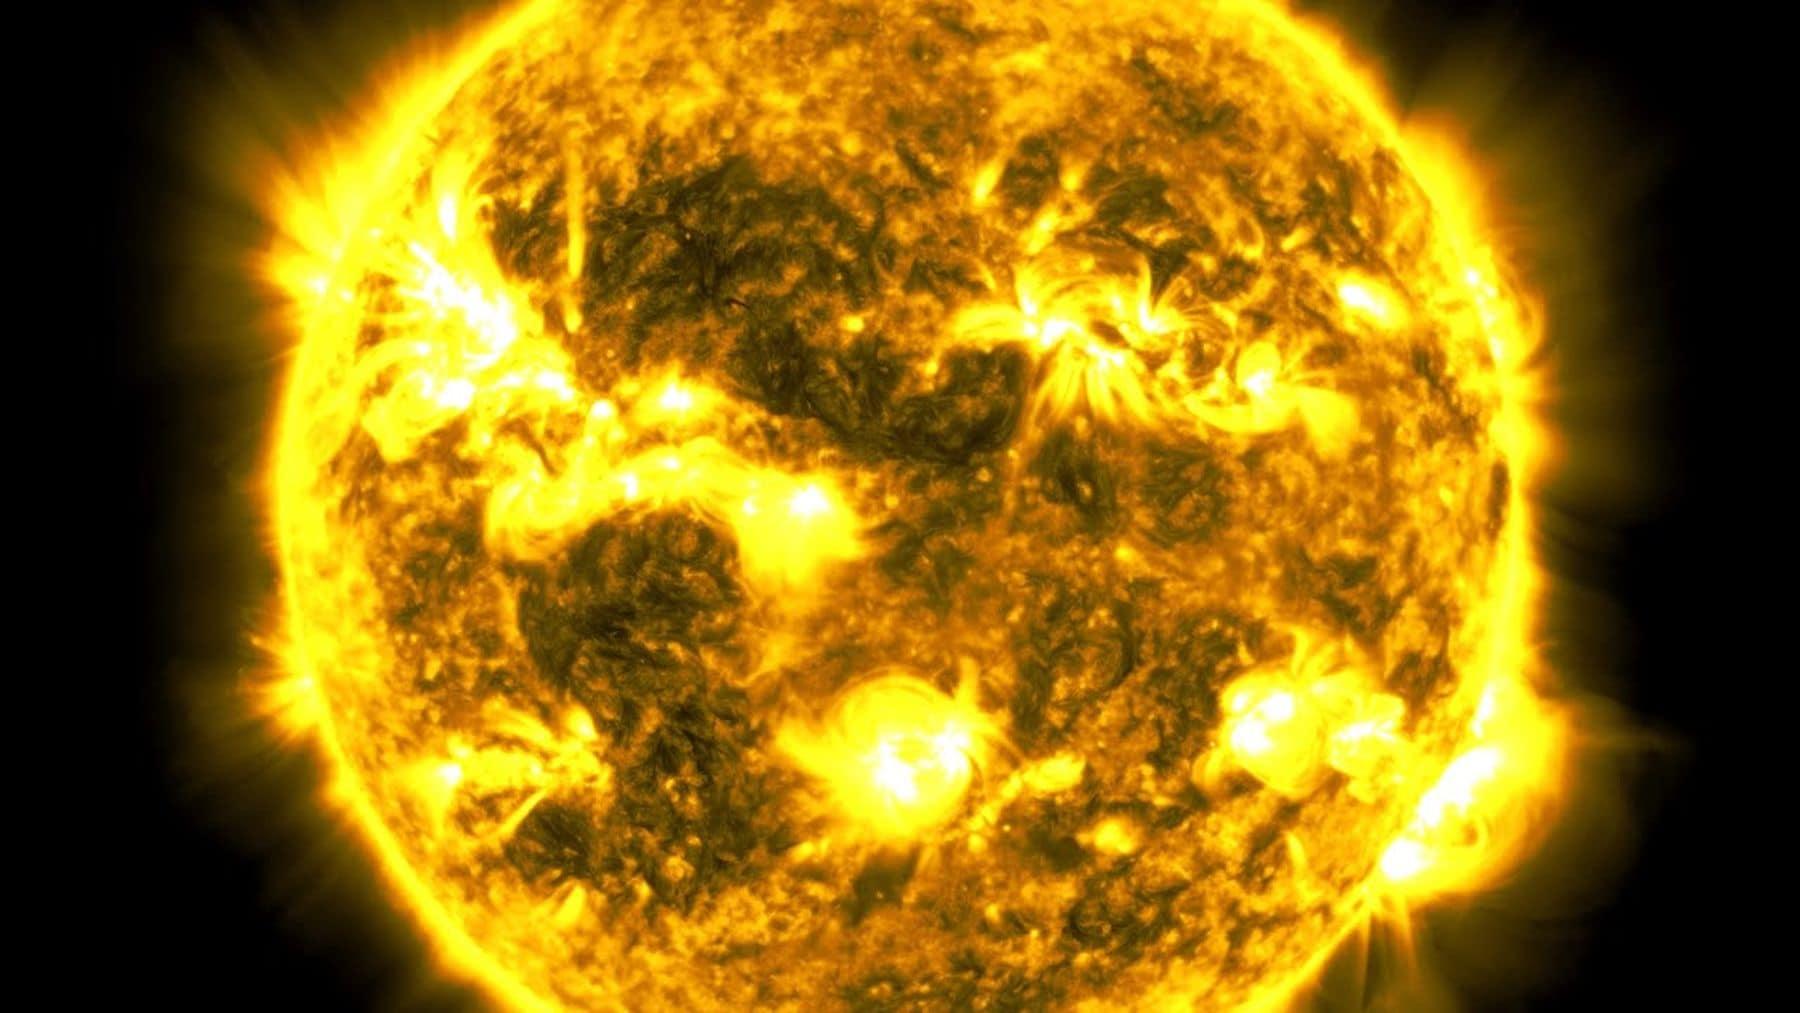 10 Jahre Sonnenbeobachtung als Timelapse | Timelapse | Was is hier eigentlich los?